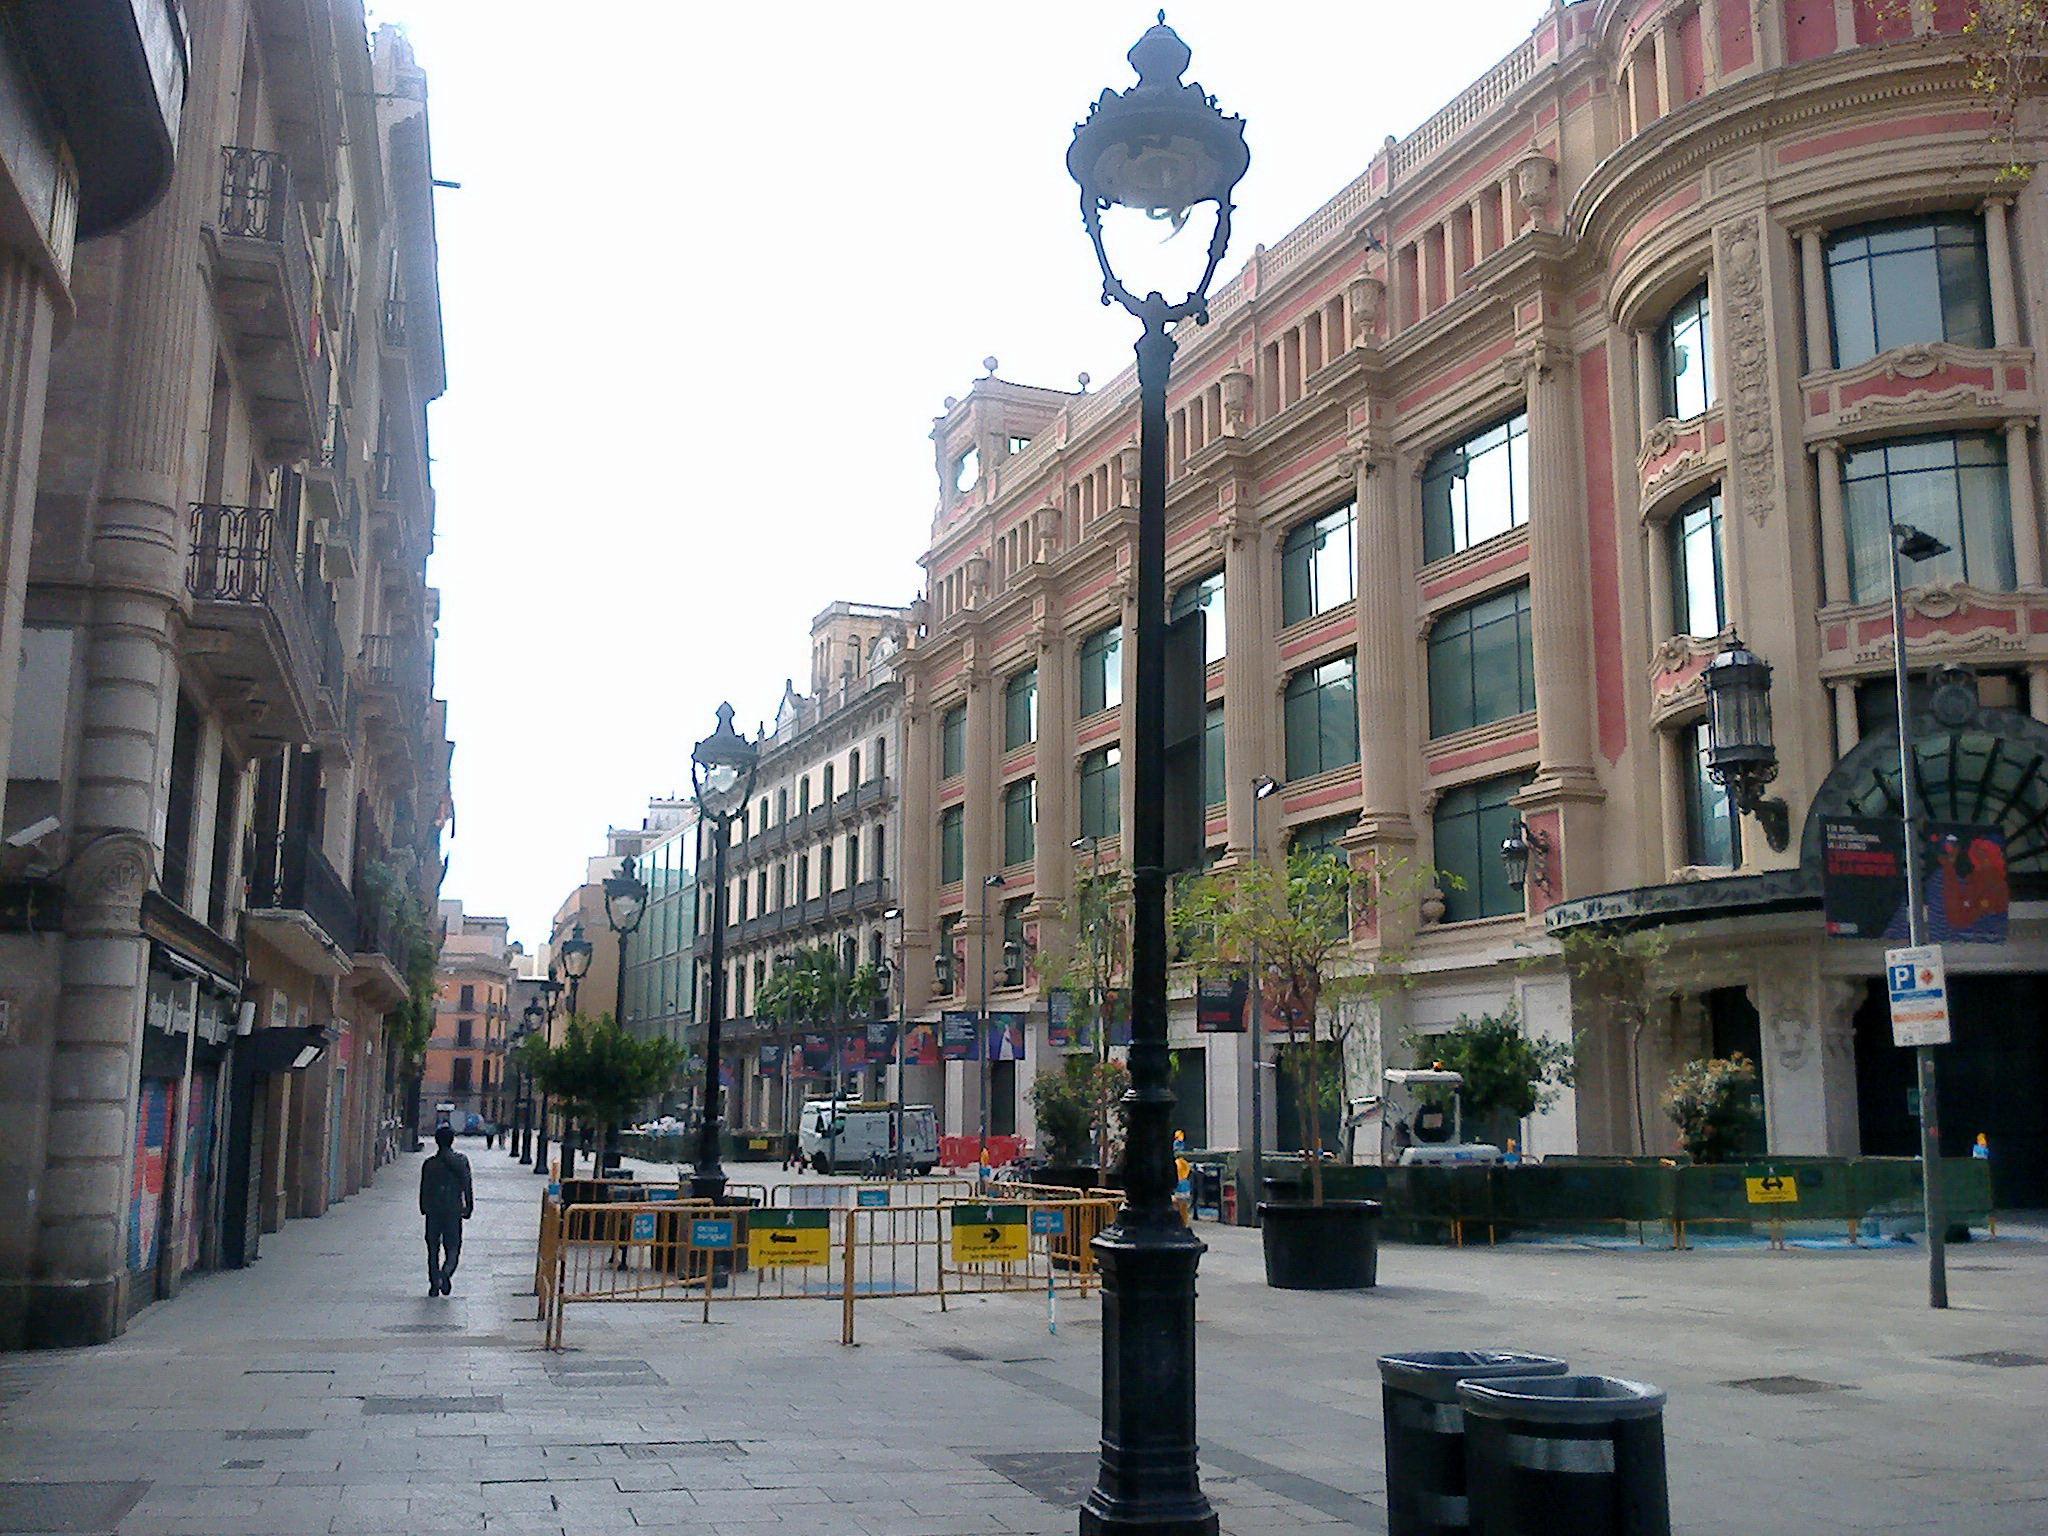 В середине марта в Испании объявили карантин и на улицах уже практически не было людей